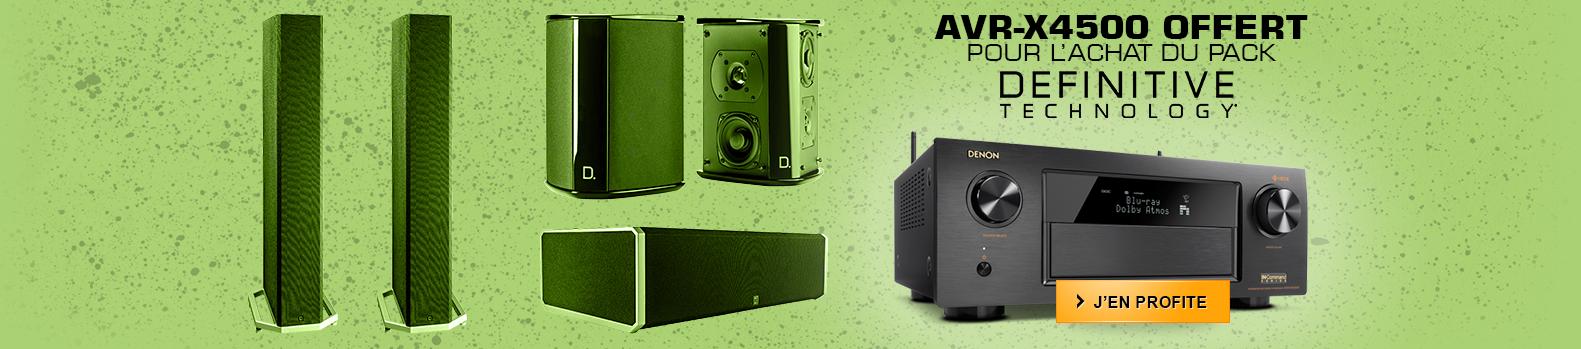 Amplificateur Denon AVR X4500 offert pour l'achat du pack d'enceinte definitive technology